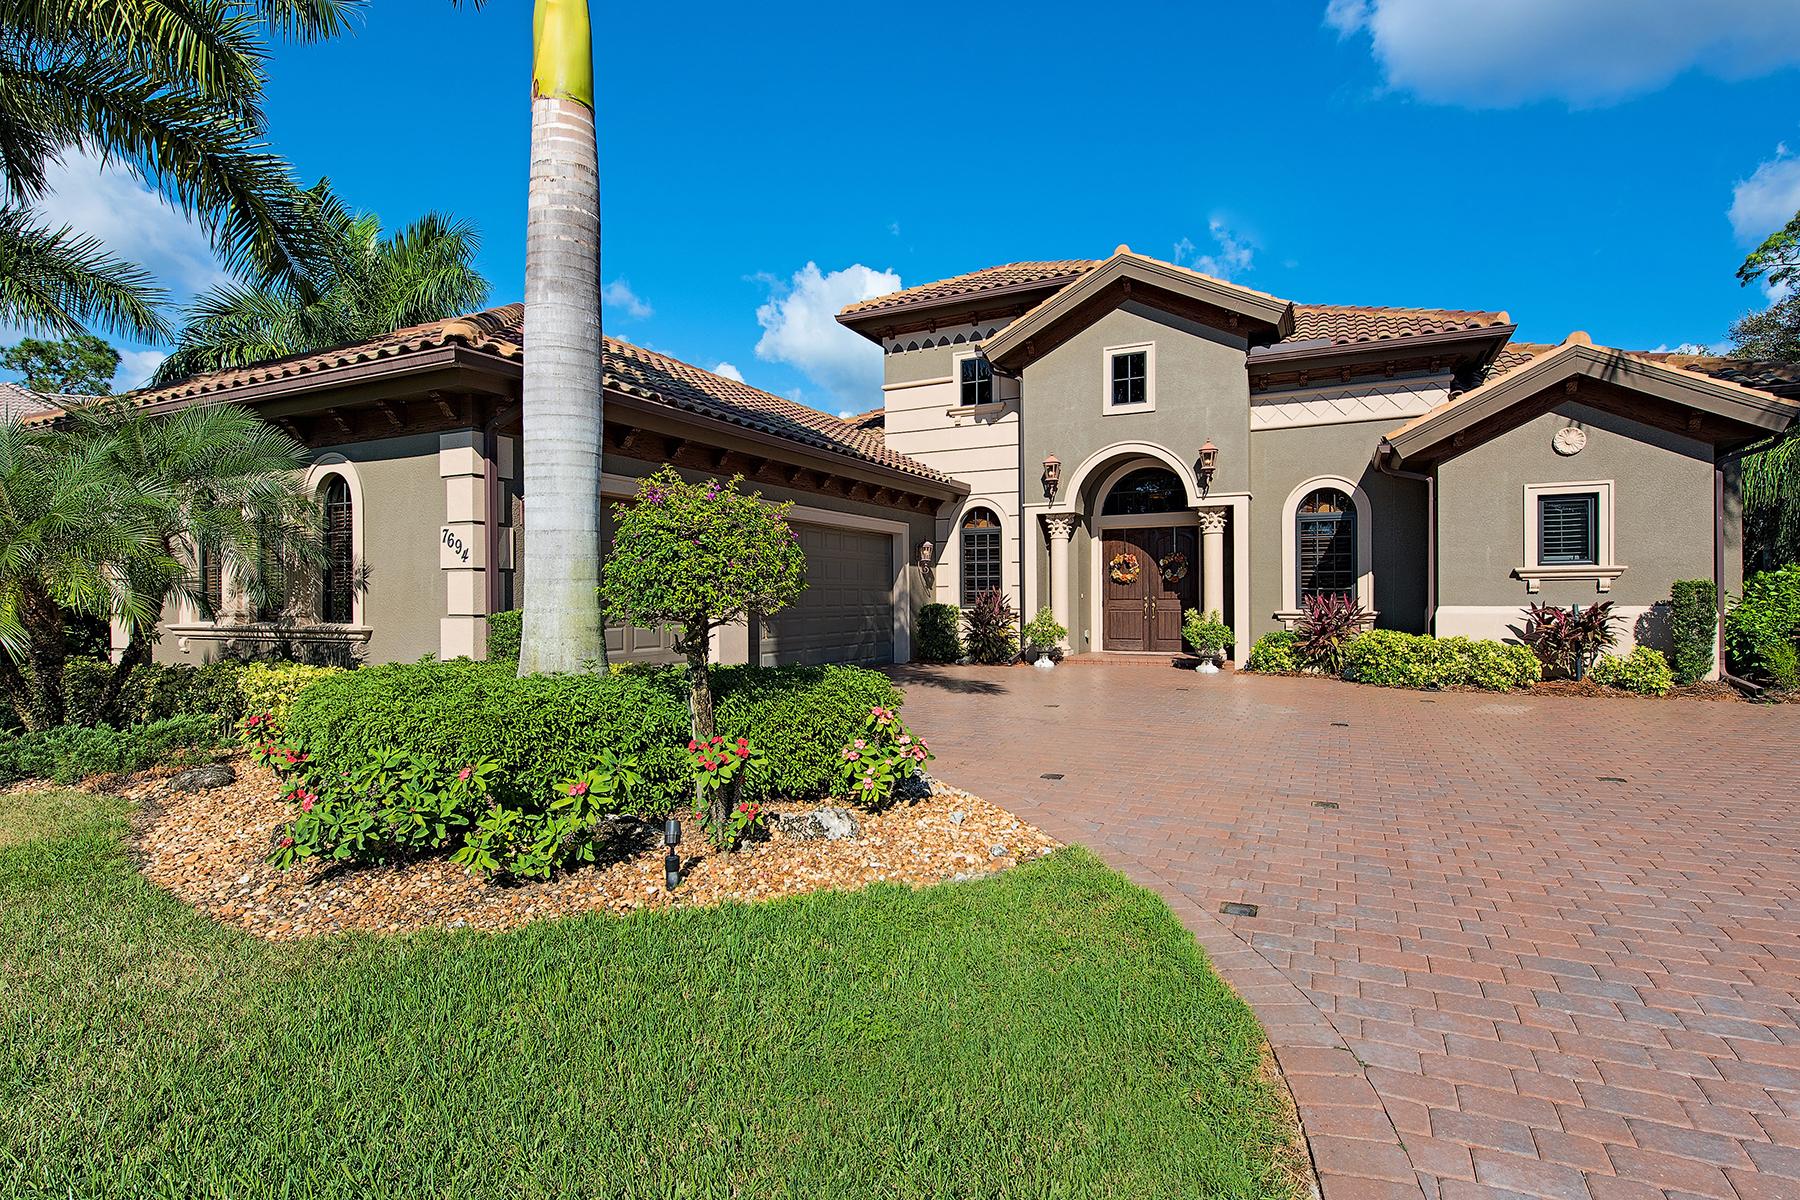 Maison unifamiliale pour l Vente à LELY COUNTRY CLUB 7694 Hutchinson Ct Naples, Florida, 34113 États-Unis